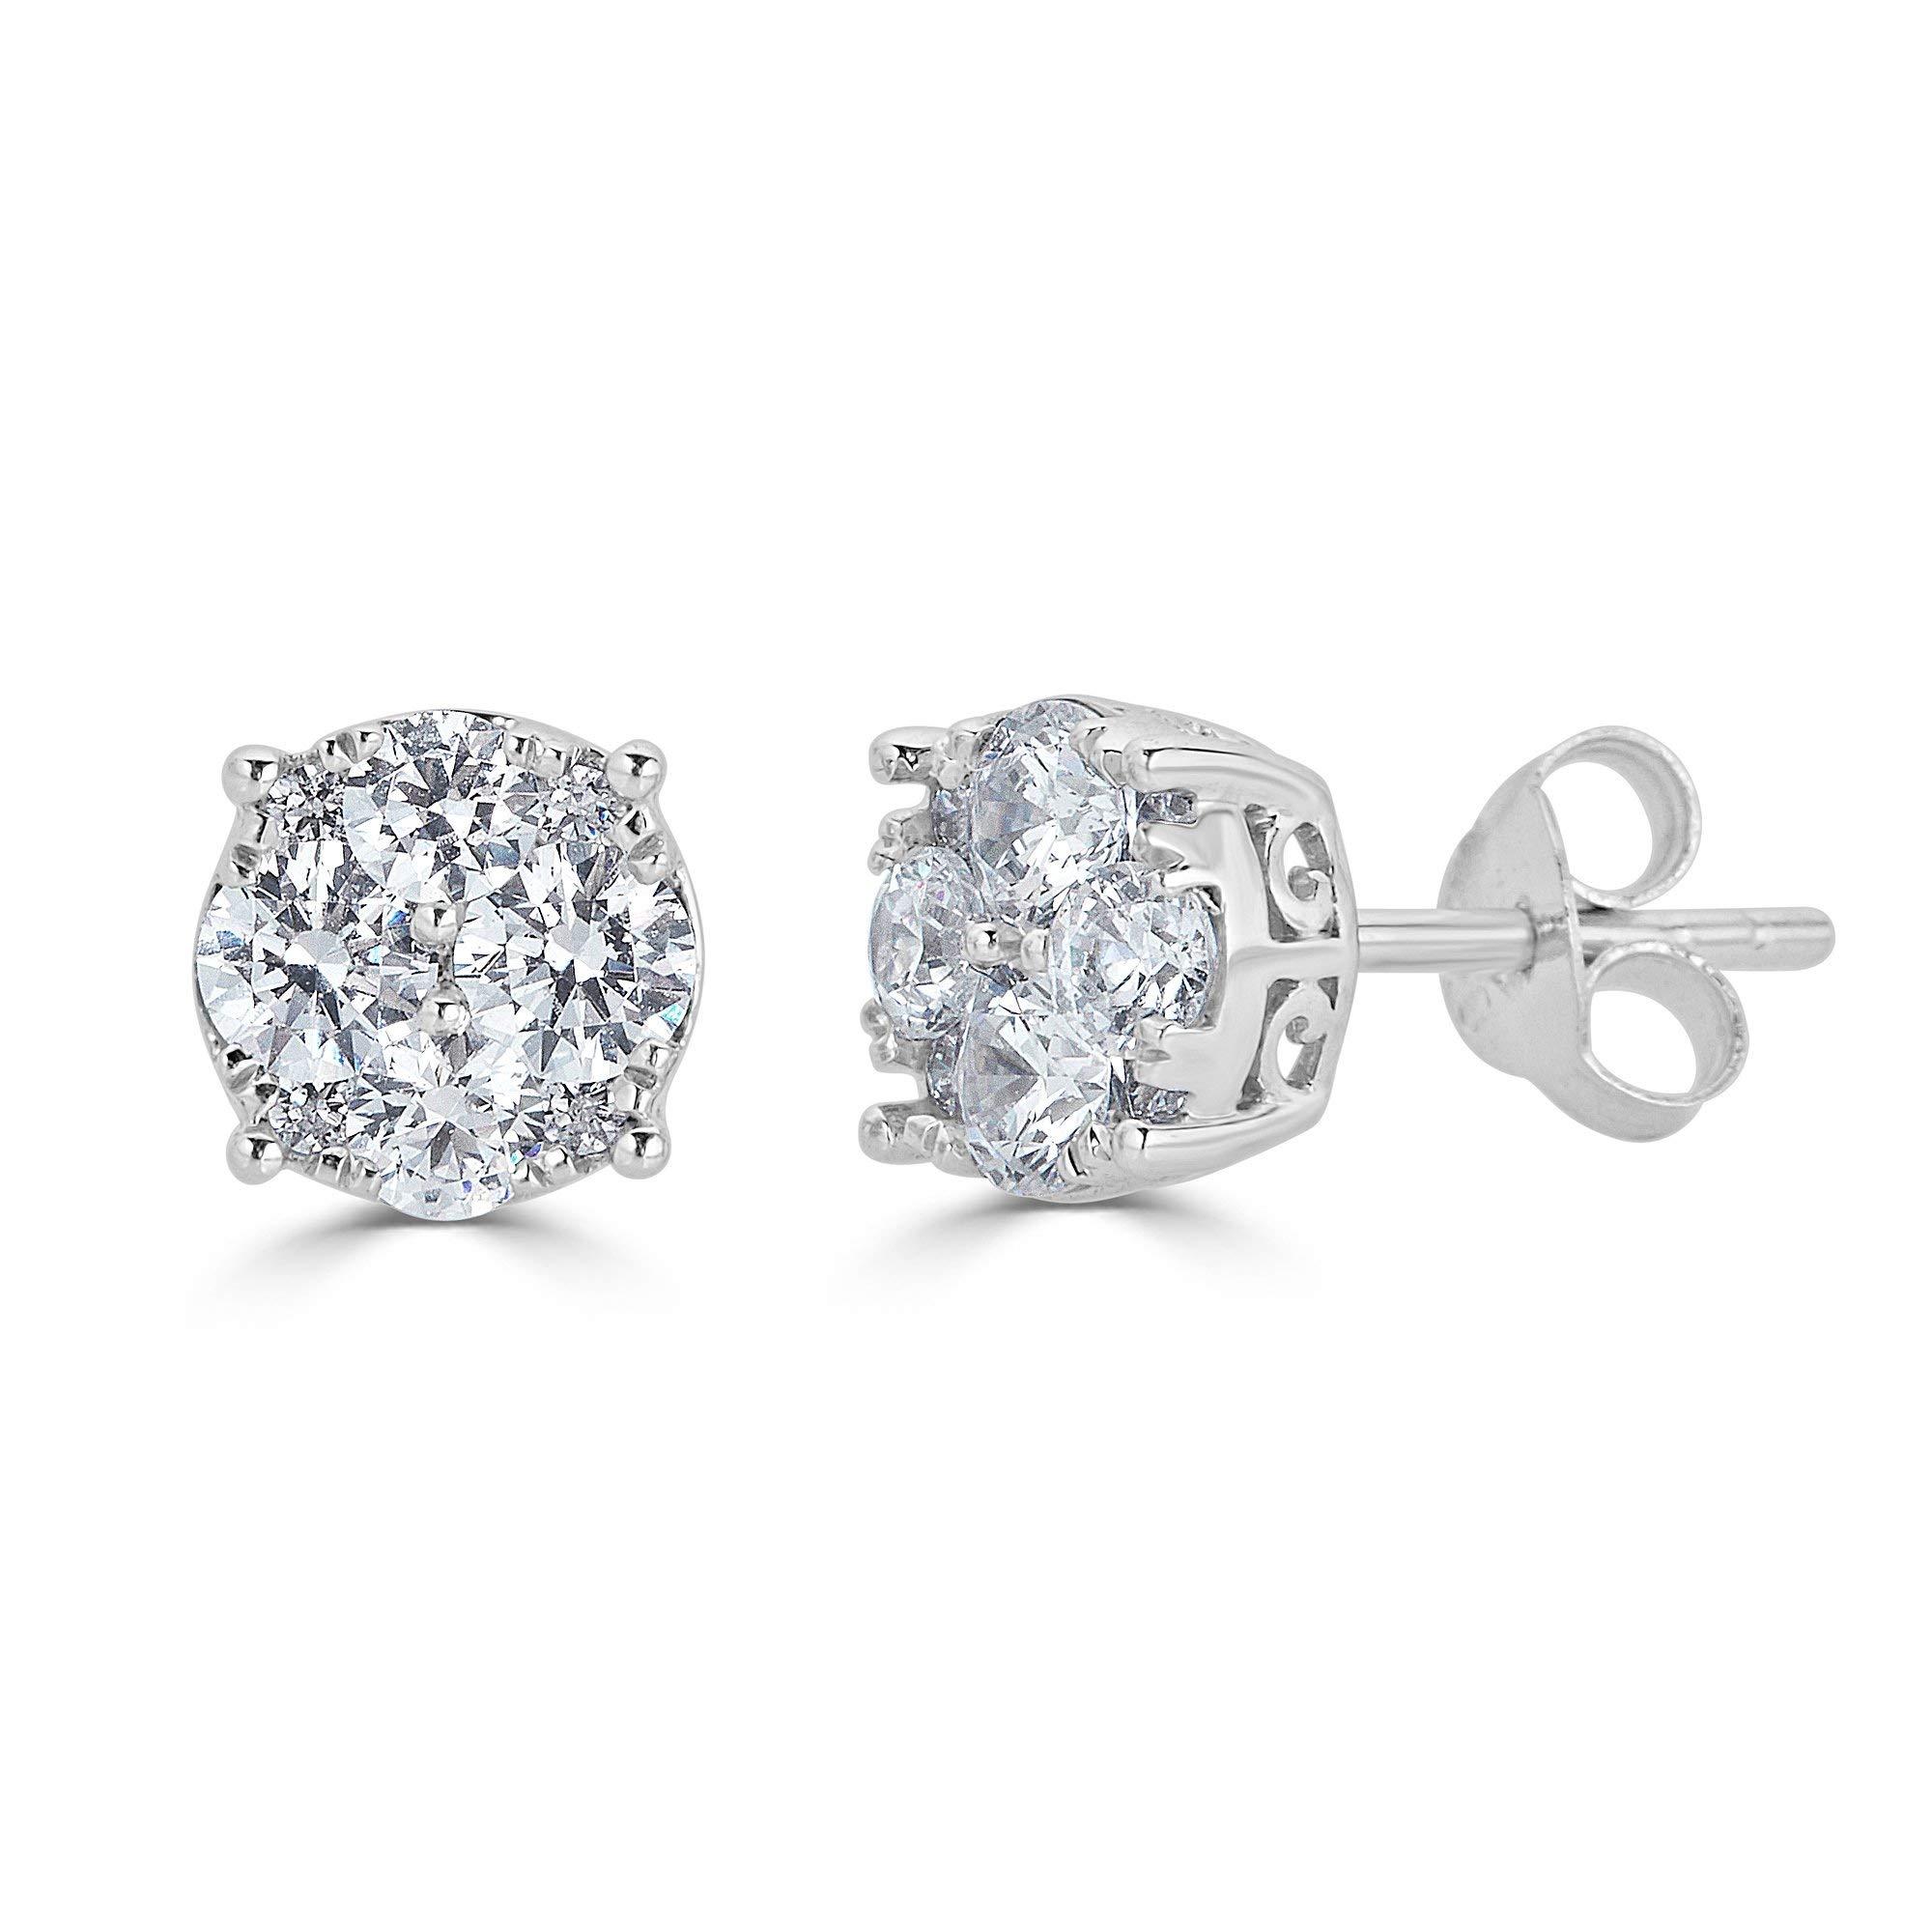 1/4Ct Women Round Diamond Stud Earrings Set In Sterling Silver